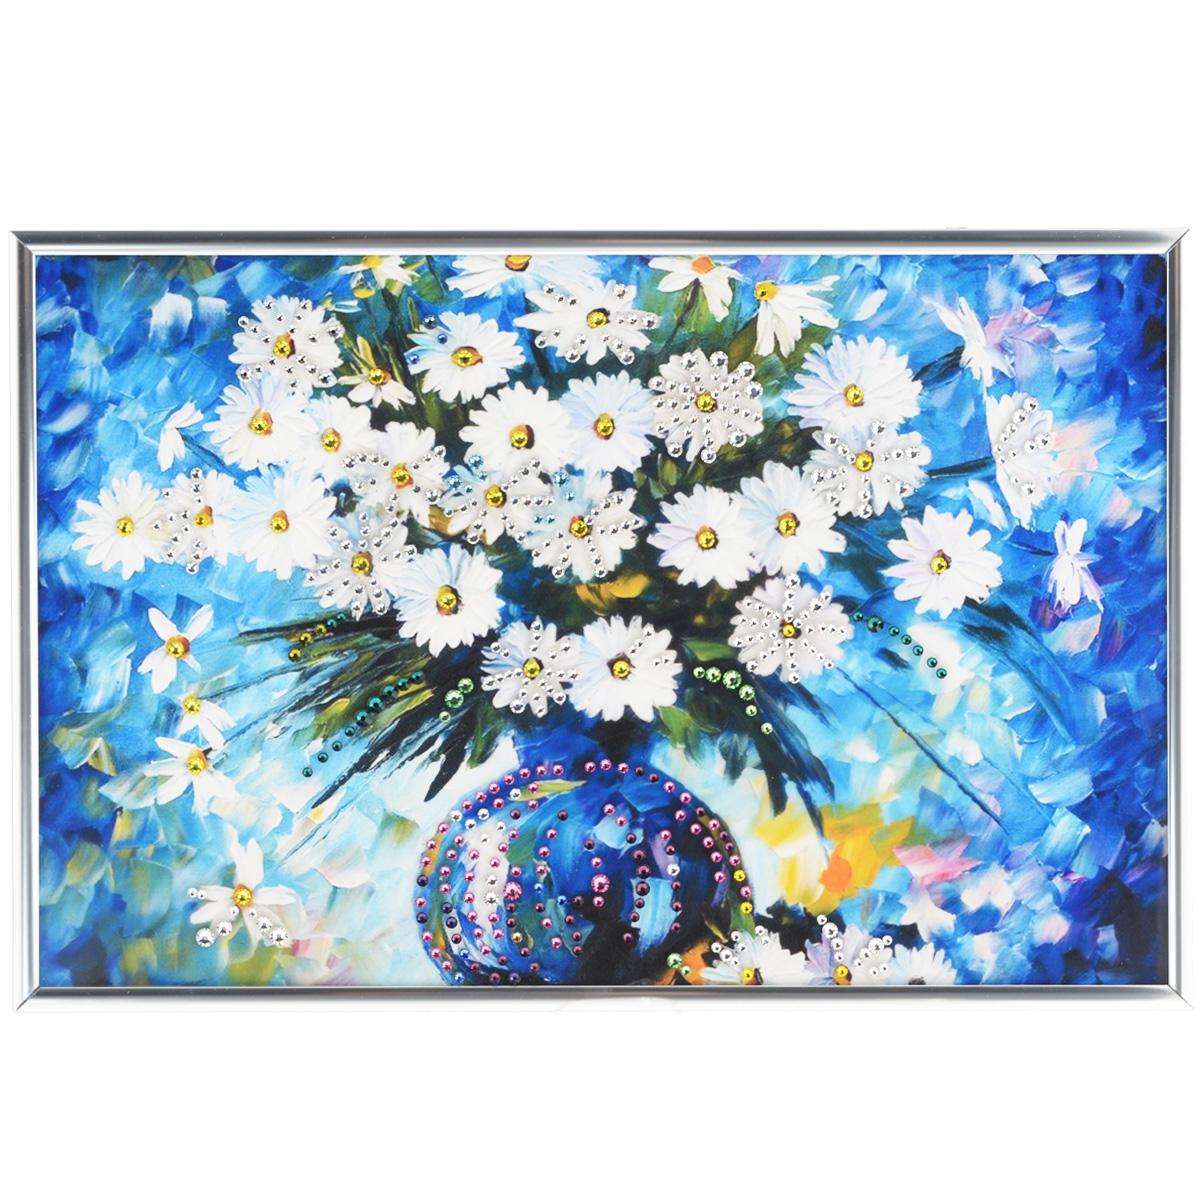 Картина с кристаллами Swarovski Ромашки, 31 х 21 см1082Изящная картина в металлической раме, инкрустирована кристаллами Swarovski, которые отличаются четкой и ровной огранкой, ярким блеском и чистотой цвета. Красочное изображение букета ромашек в вазе, расположенное под стеклом, прекрасно дополняет блеск кристаллов. С обратной стороны имеется металлическая петелька для размещения картины на стене. Картина с кристаллами Swarovski Ромашки элегантно украсит интерьер дома или офиса, а также станет прекрасным подарком, который обязательно понравится получателю. Блеск кристаллов в интерьере, что может быть сказочнее и удивительнее. Картина упакована в подарочную картонную коробку синего цвета и комплектуется сертификатом соответствия Swarovski.